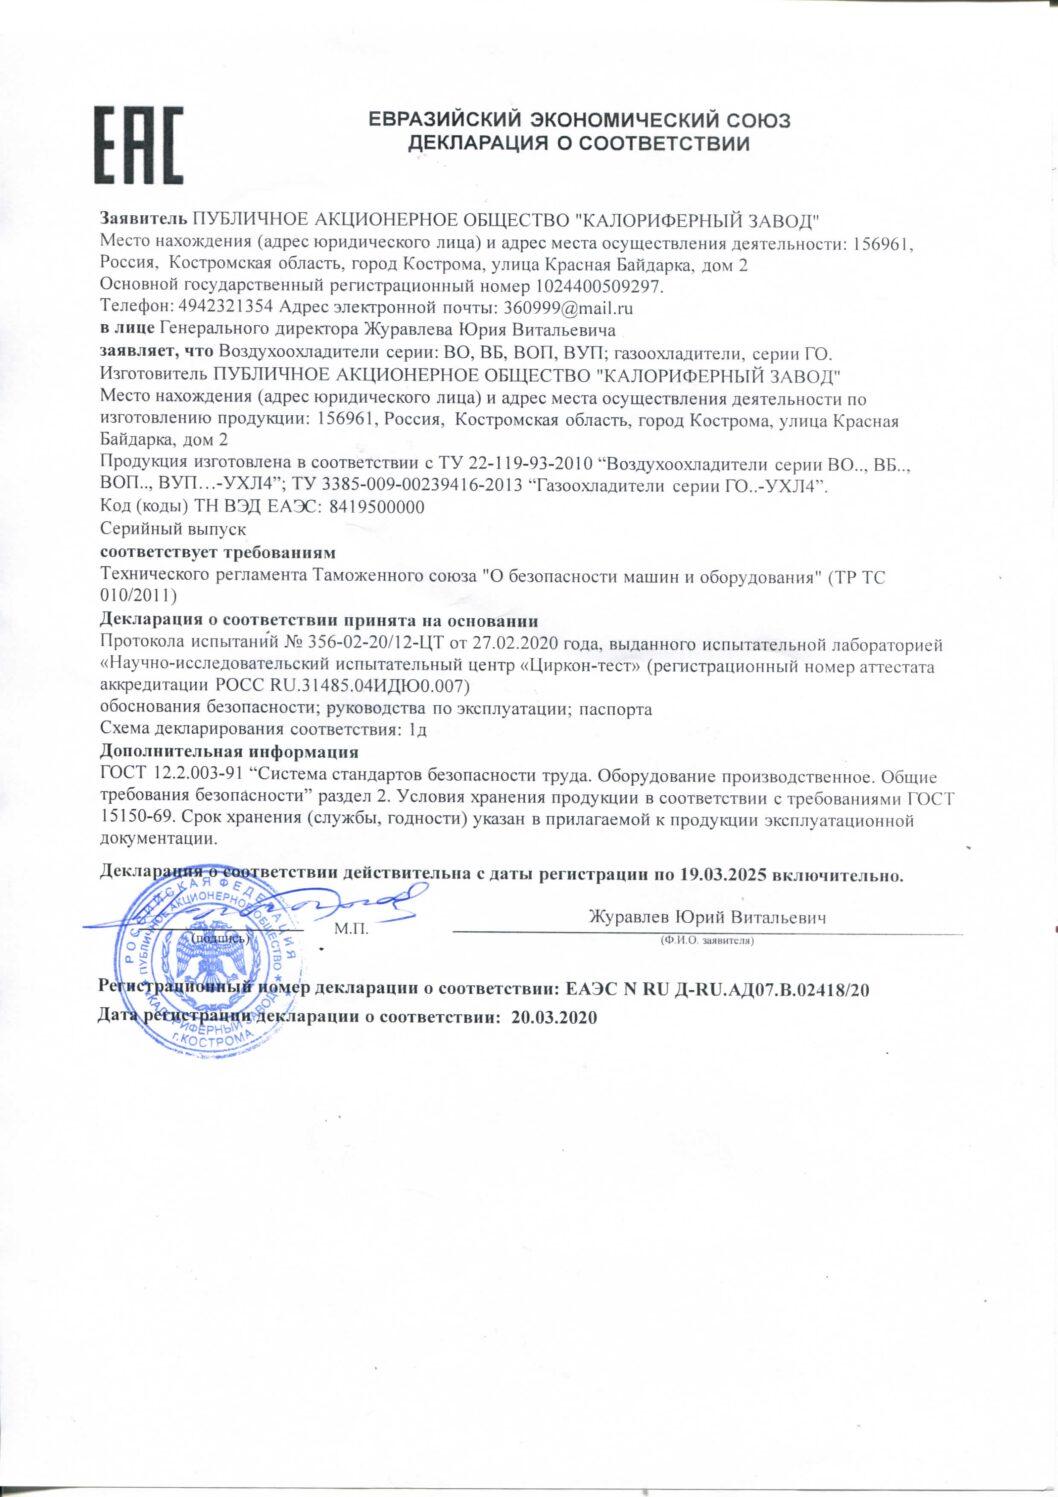 Декларация соотвествия ВО, ГО